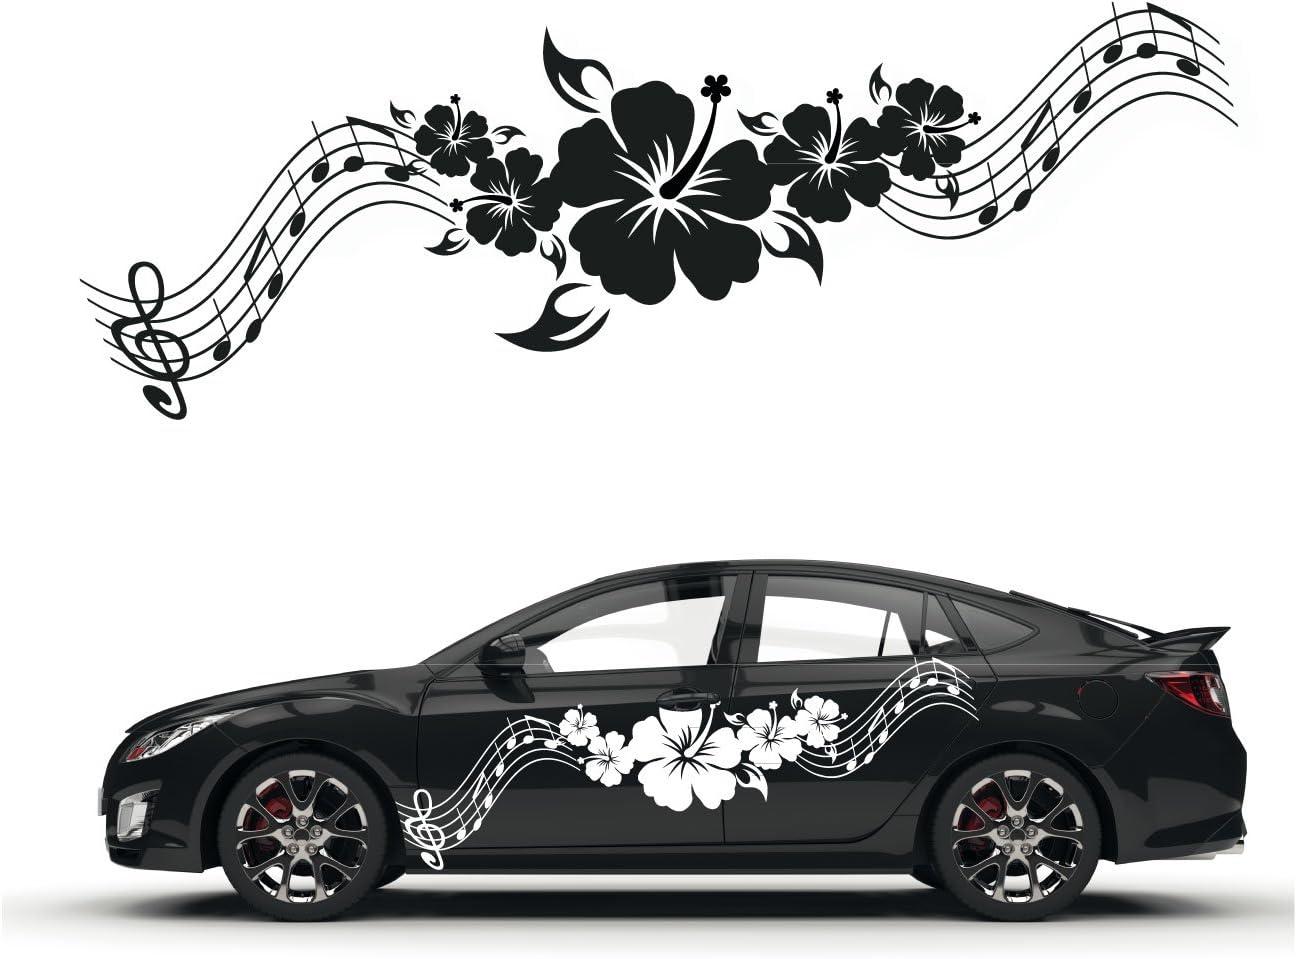 Hibiskus Noten Tribal Aufkleber Für Das Fahrzeug Florale Designs Autotattoo Blumen Blüten Sticker Kb261 Auto